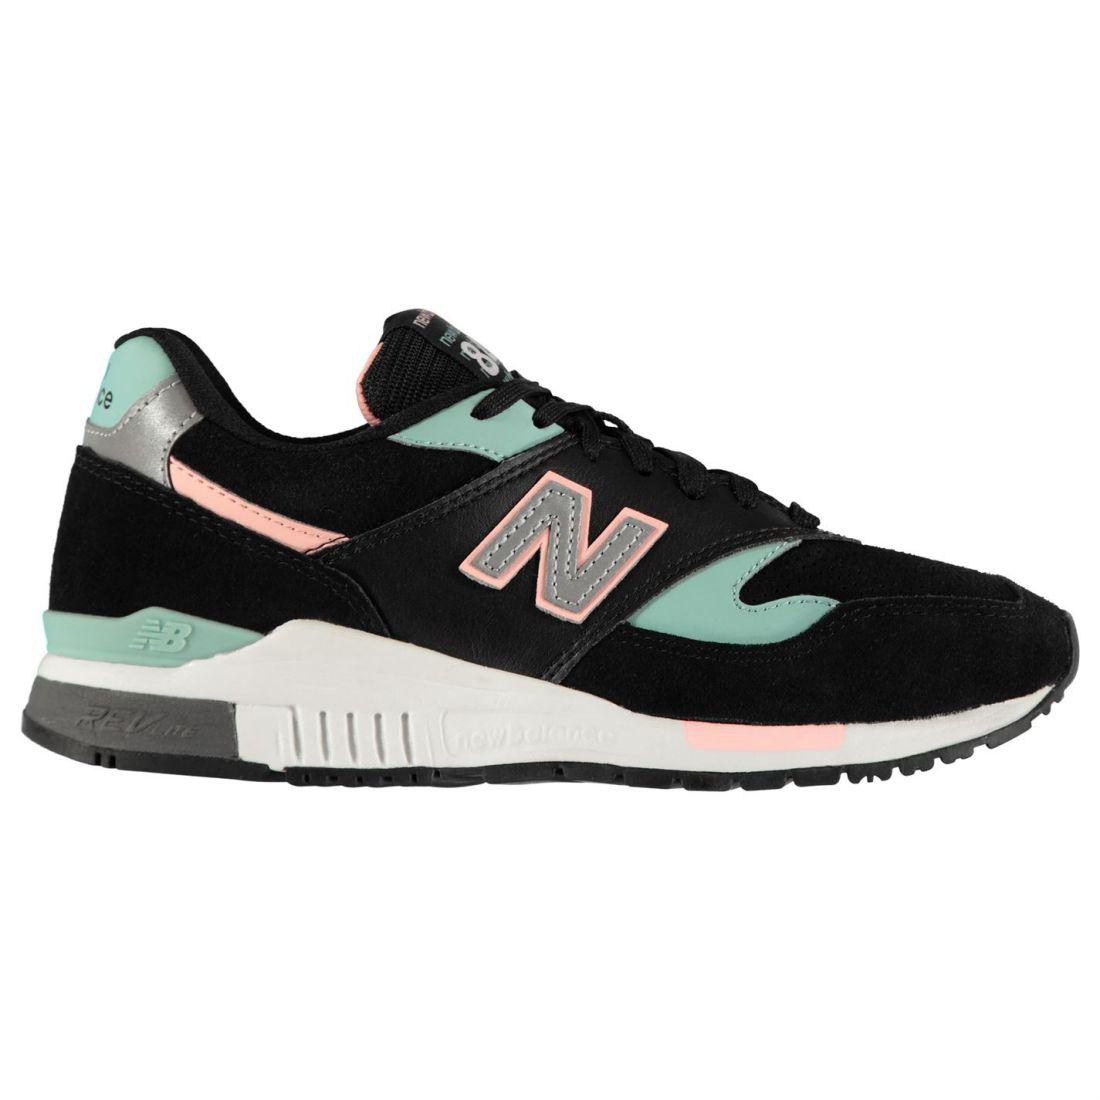 scarpe da donna new balance